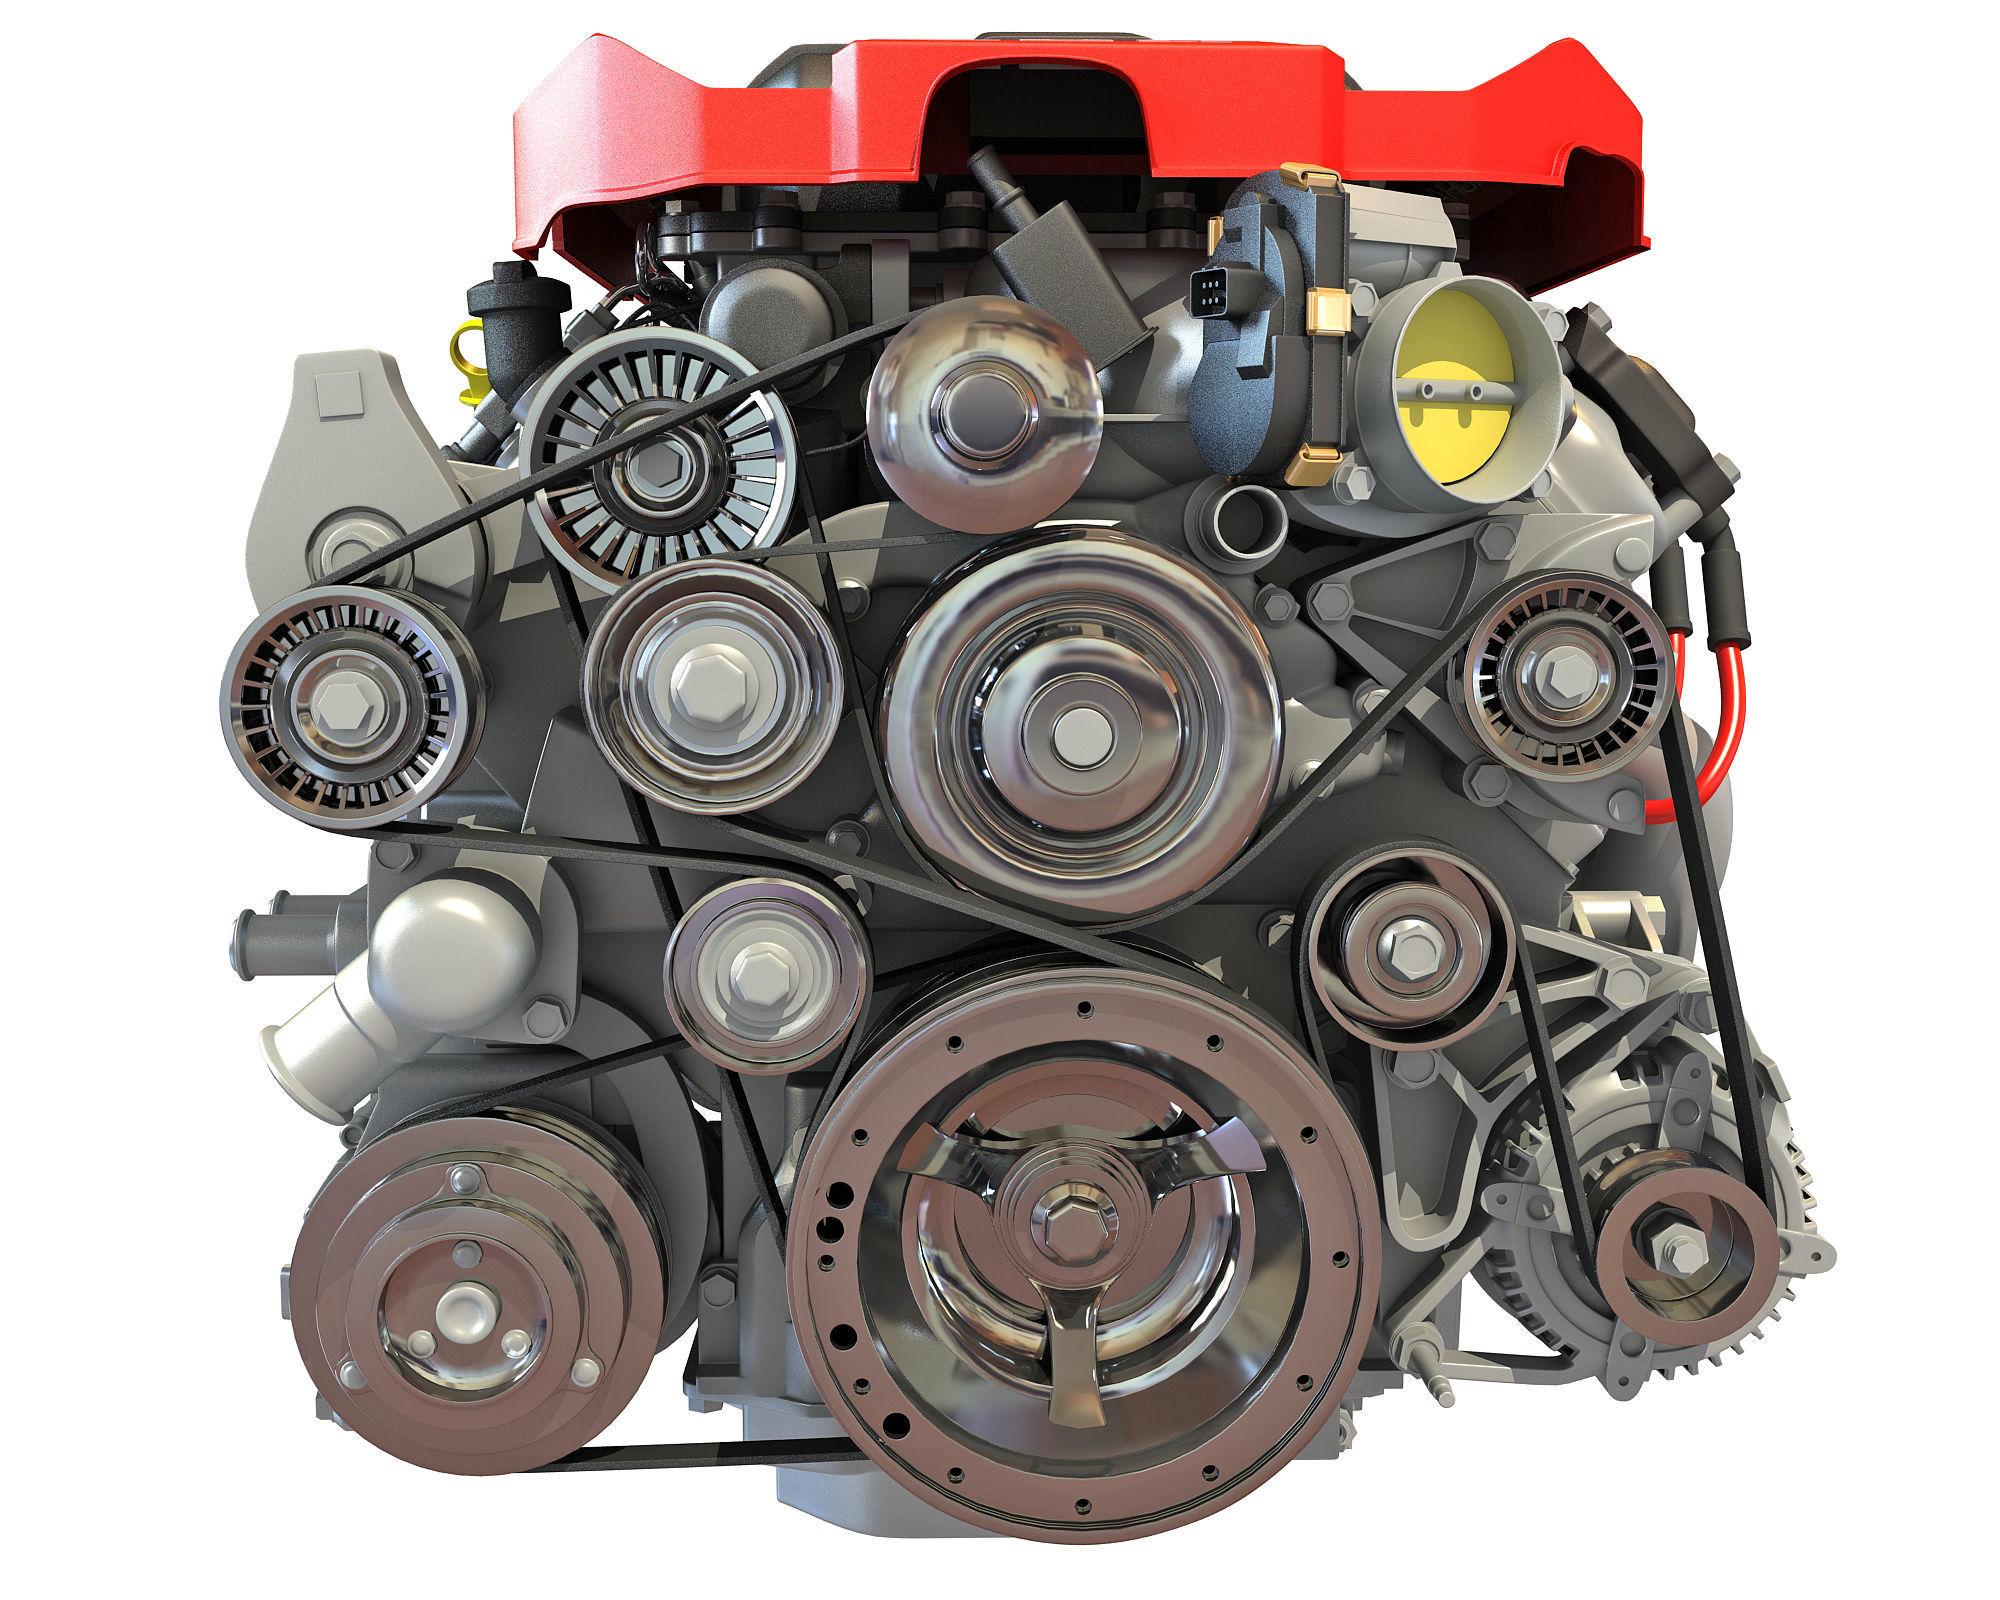 V8 Supercharged Engine